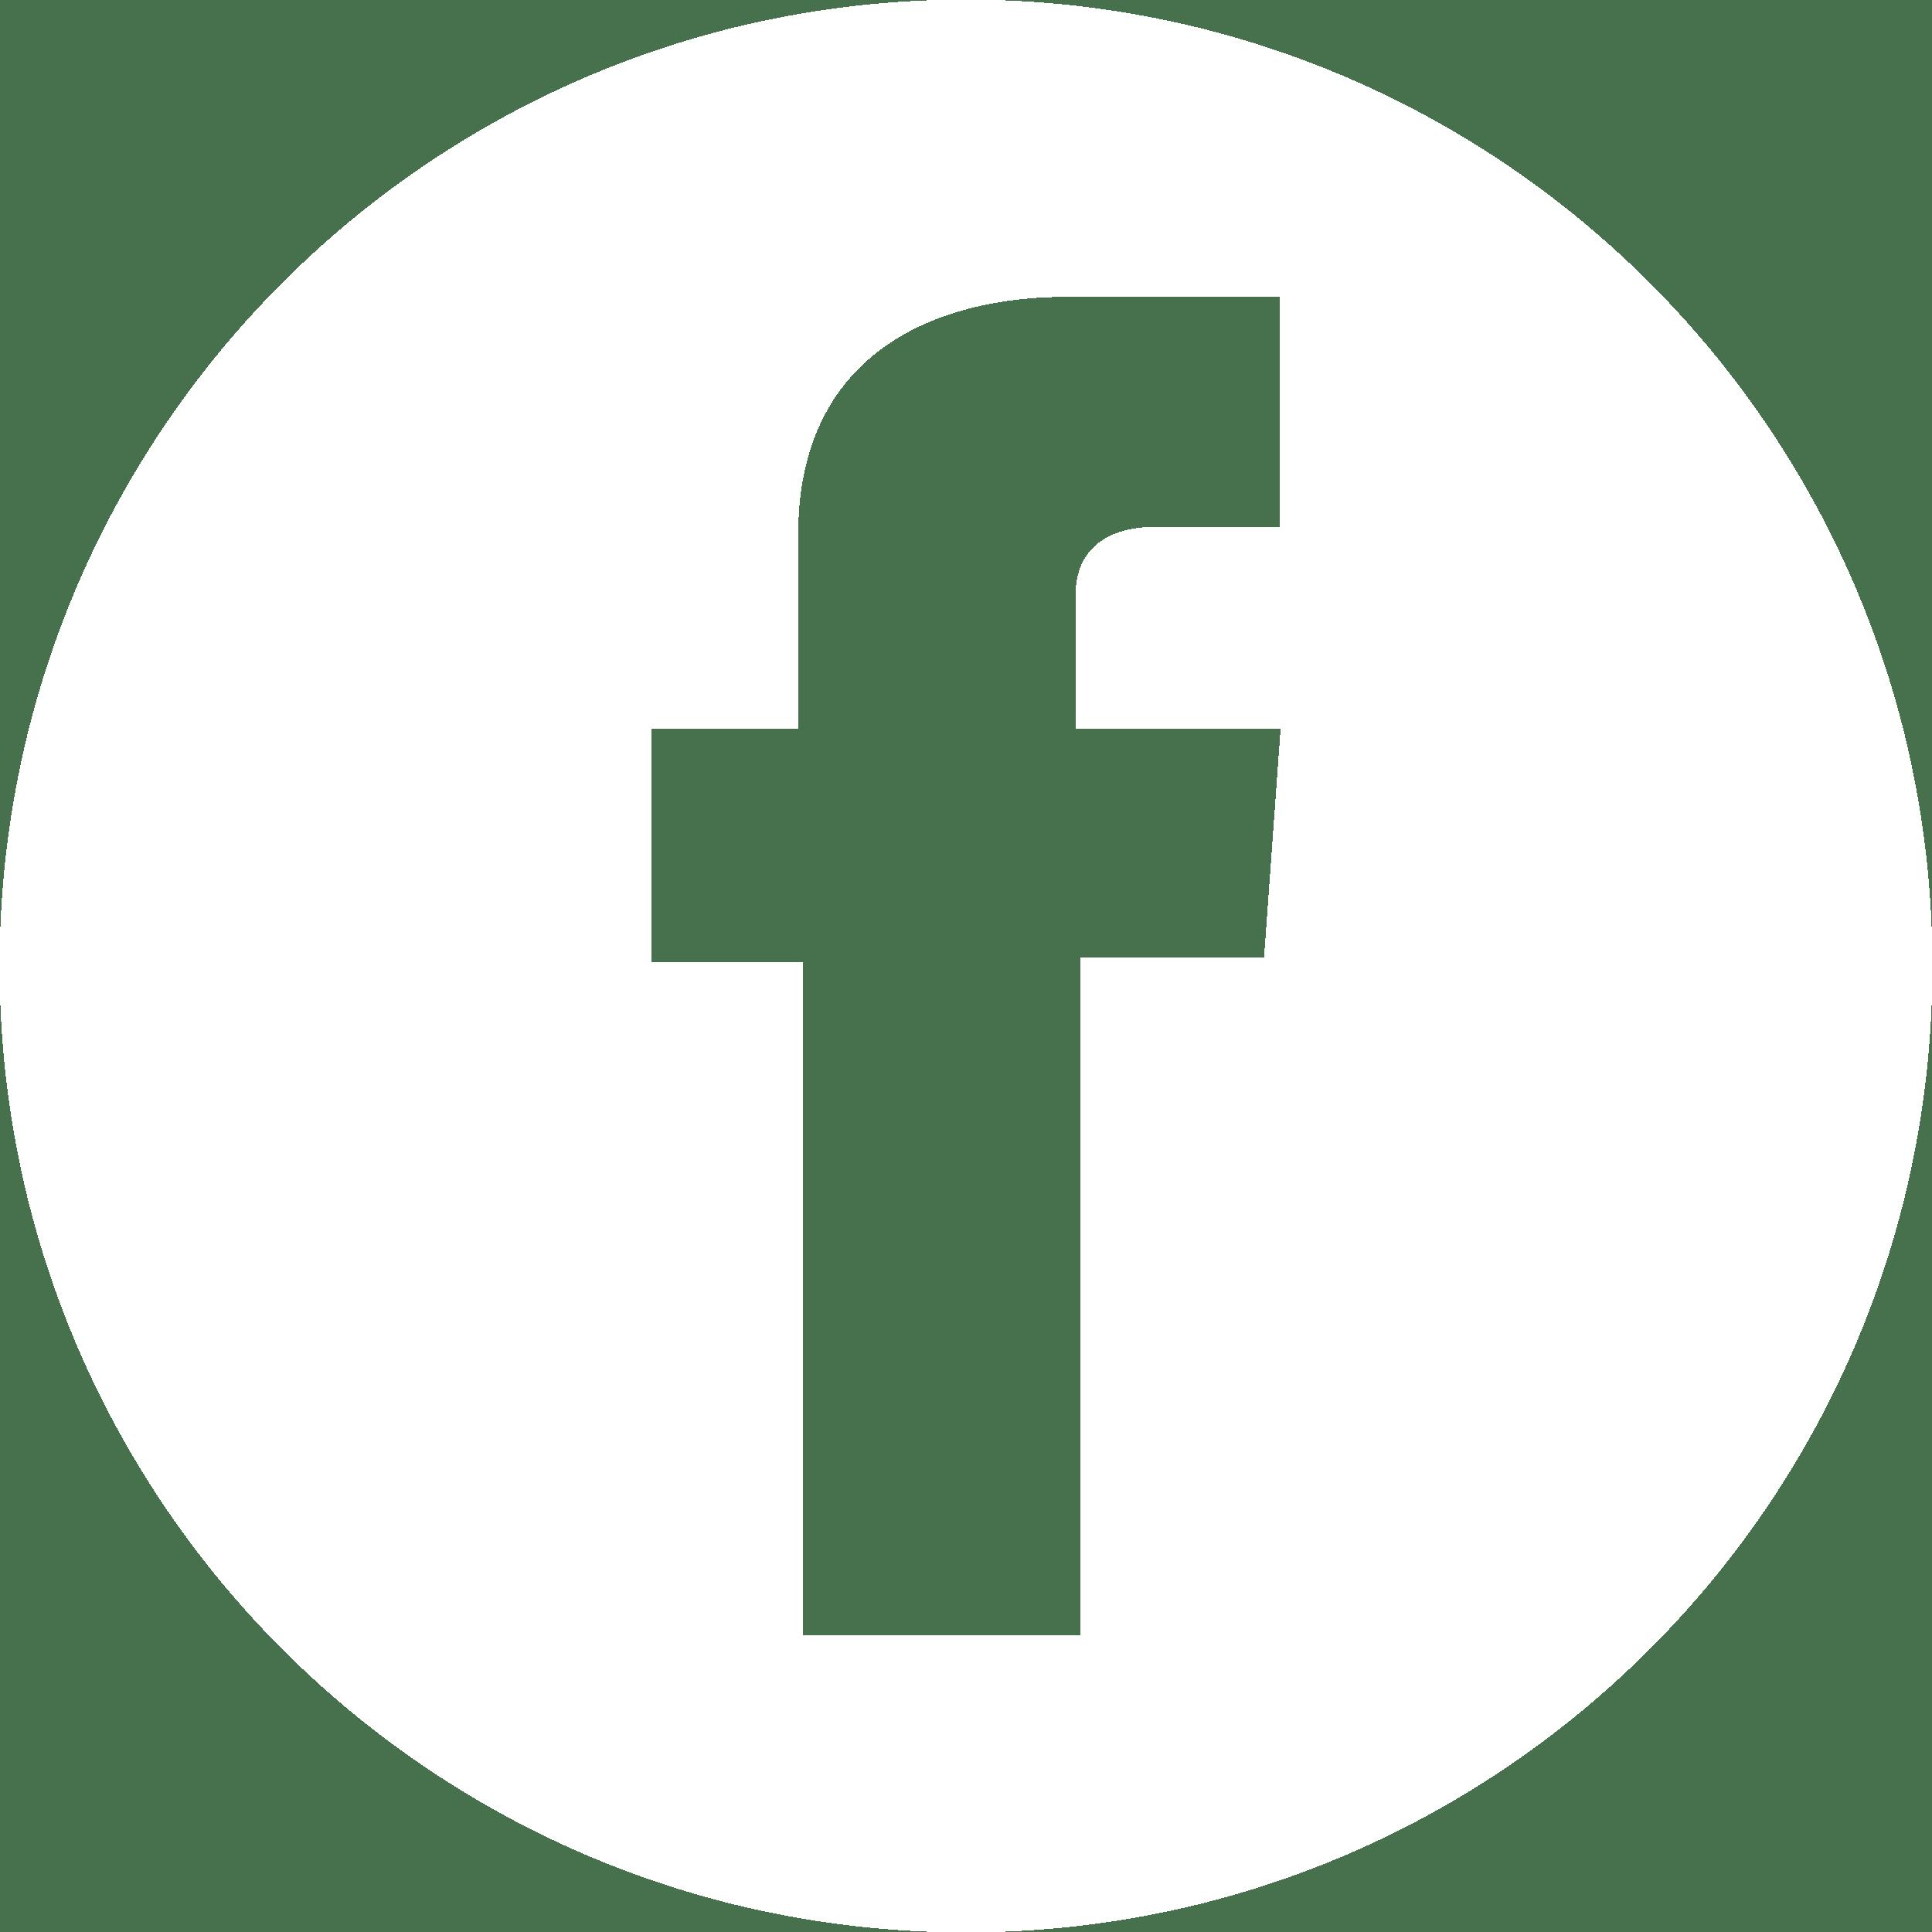 Facebook for modla asset modelling